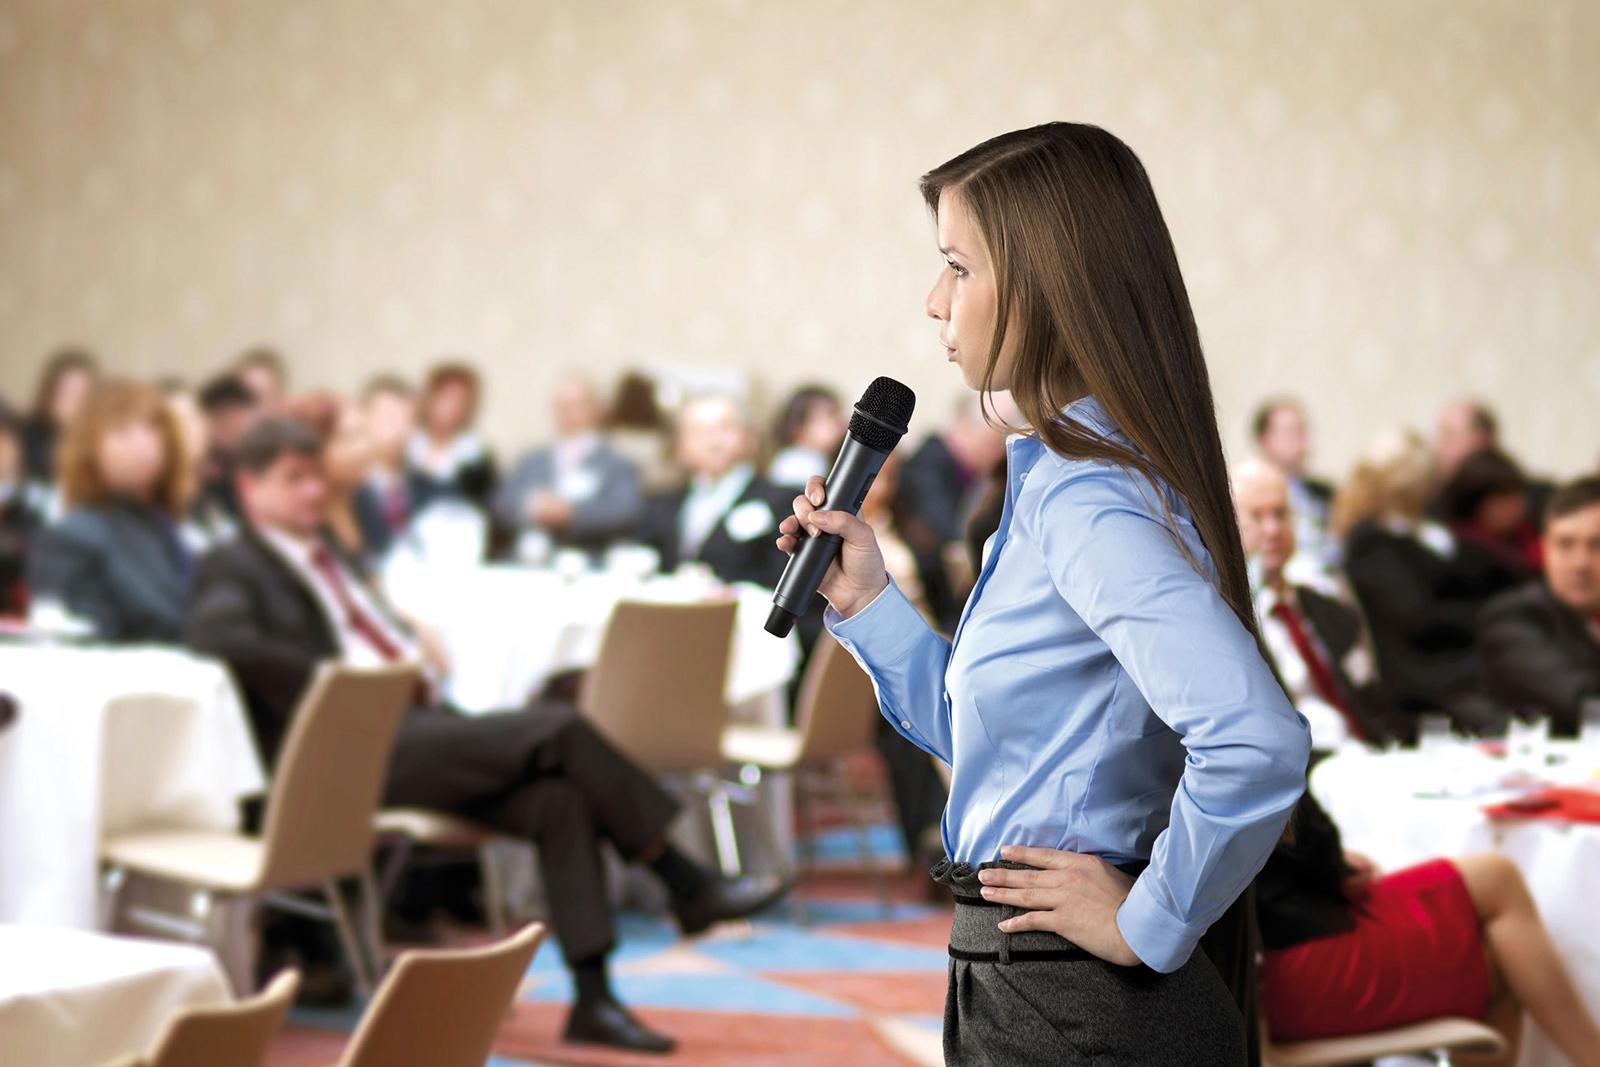 Для проведения вебинаров приглашаем опытных спикеров: бизнес-тренеров, менеджеров, маркетологов, коучей, психологов, инвесторов, предпринимателей